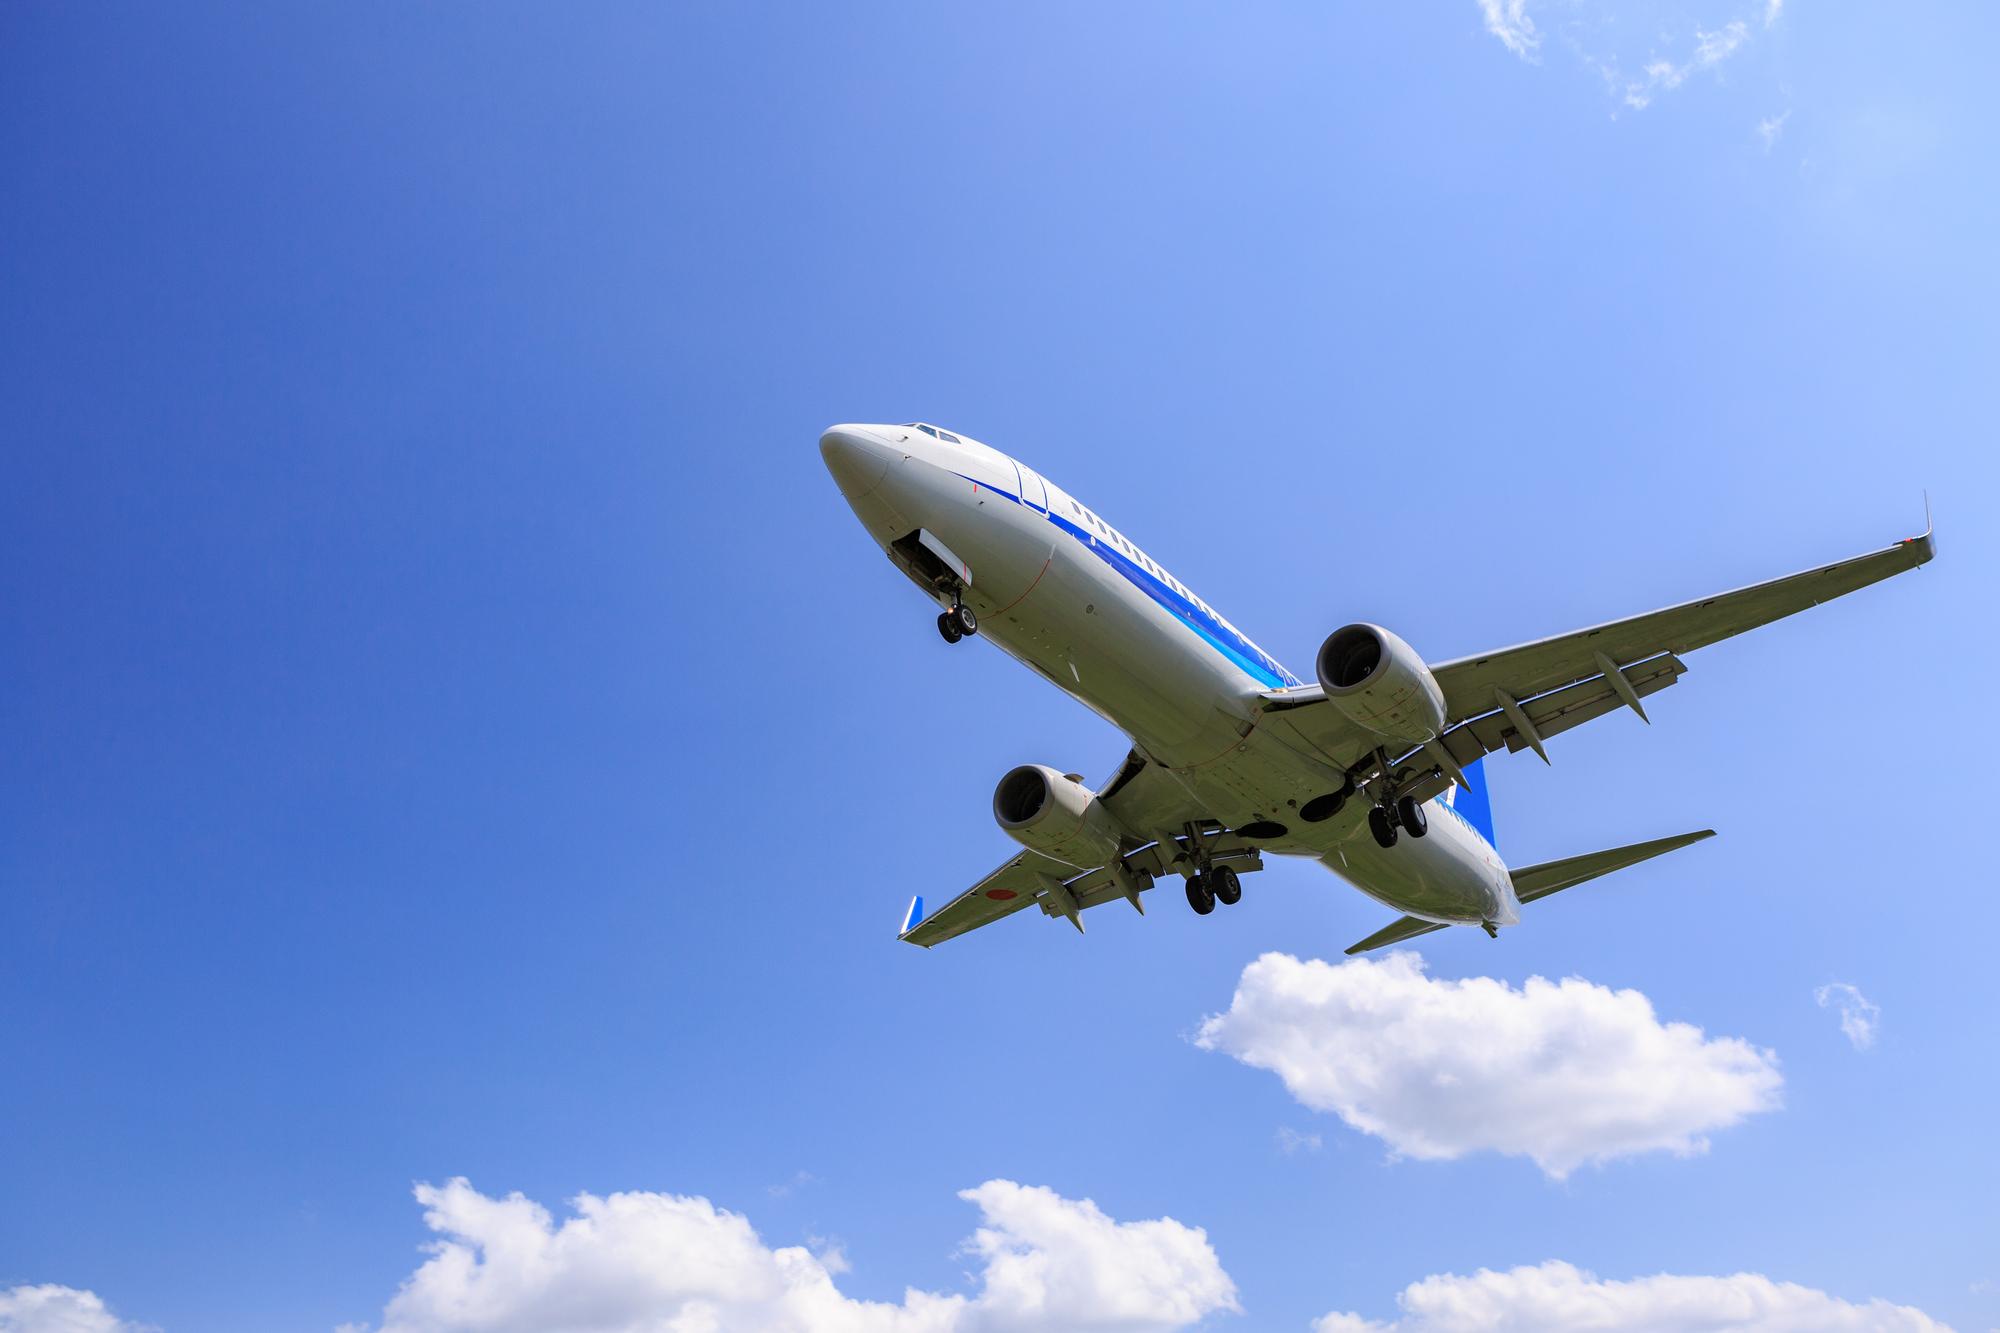 購入した主要航空会社の航空券は予約変更・払い戻しが可能か?